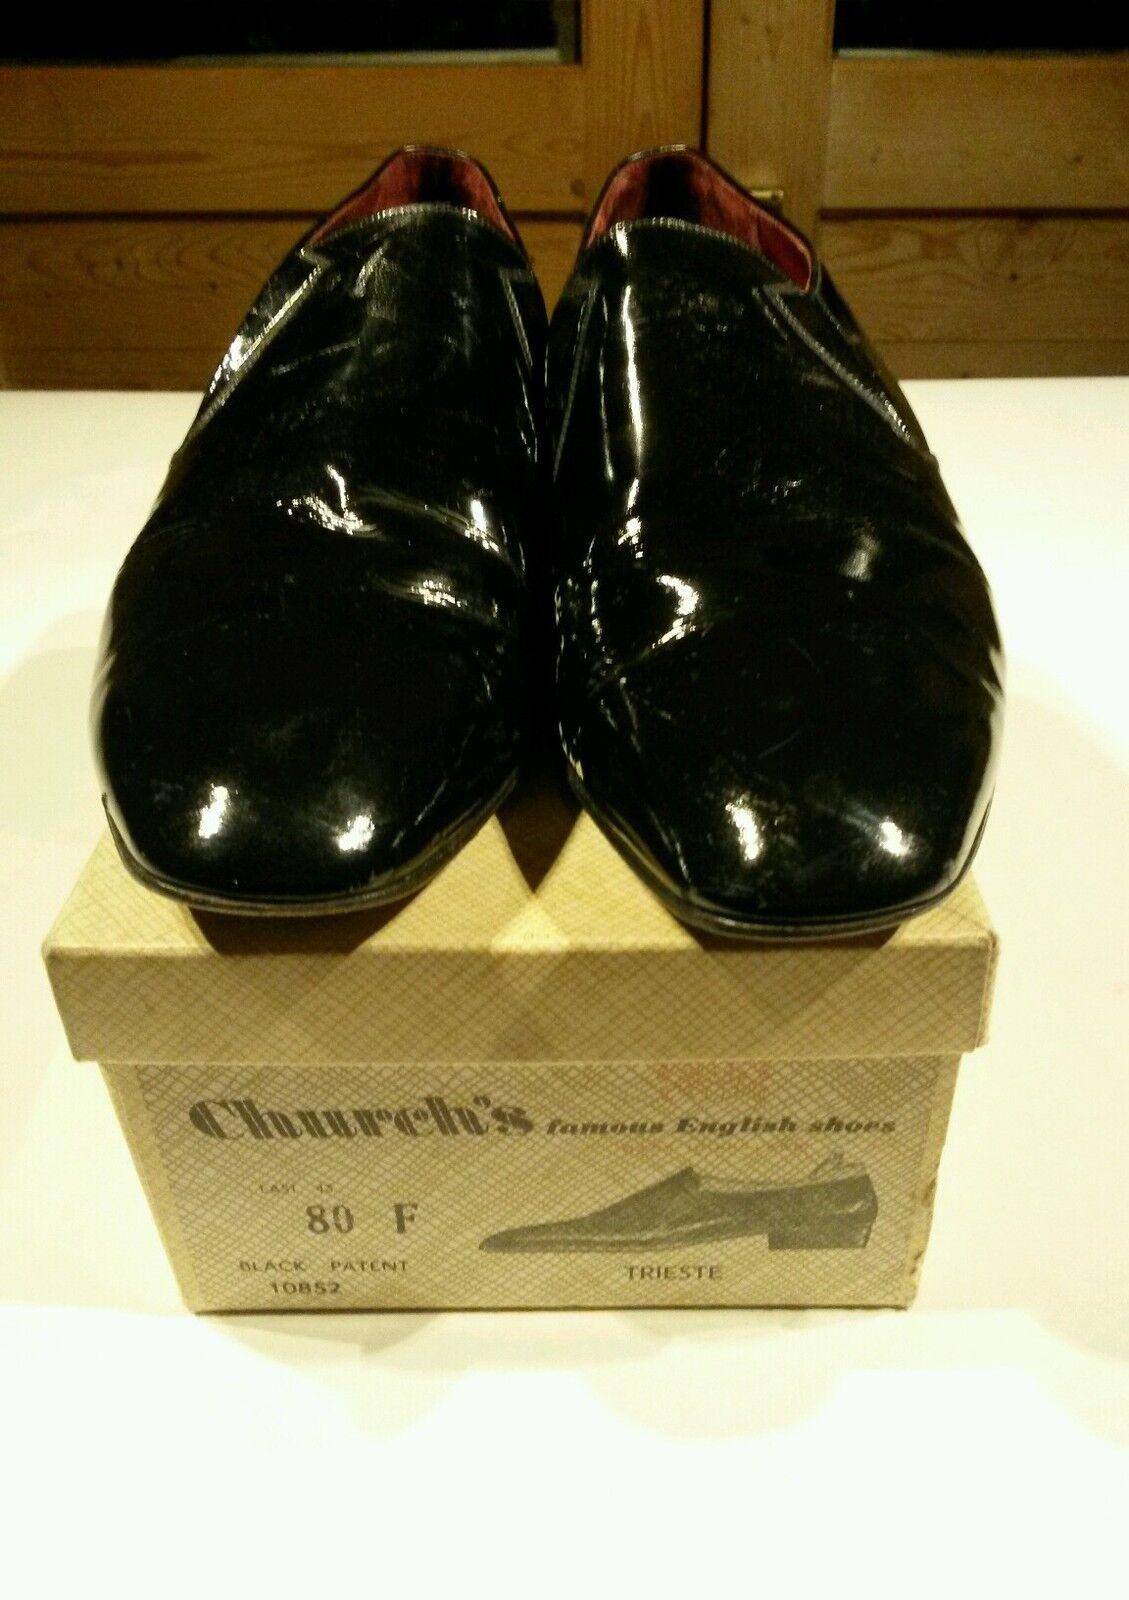 Magnifique authentique années 1960 church's chaussures 7009 43 derniers 80 f modèle trieste orig box